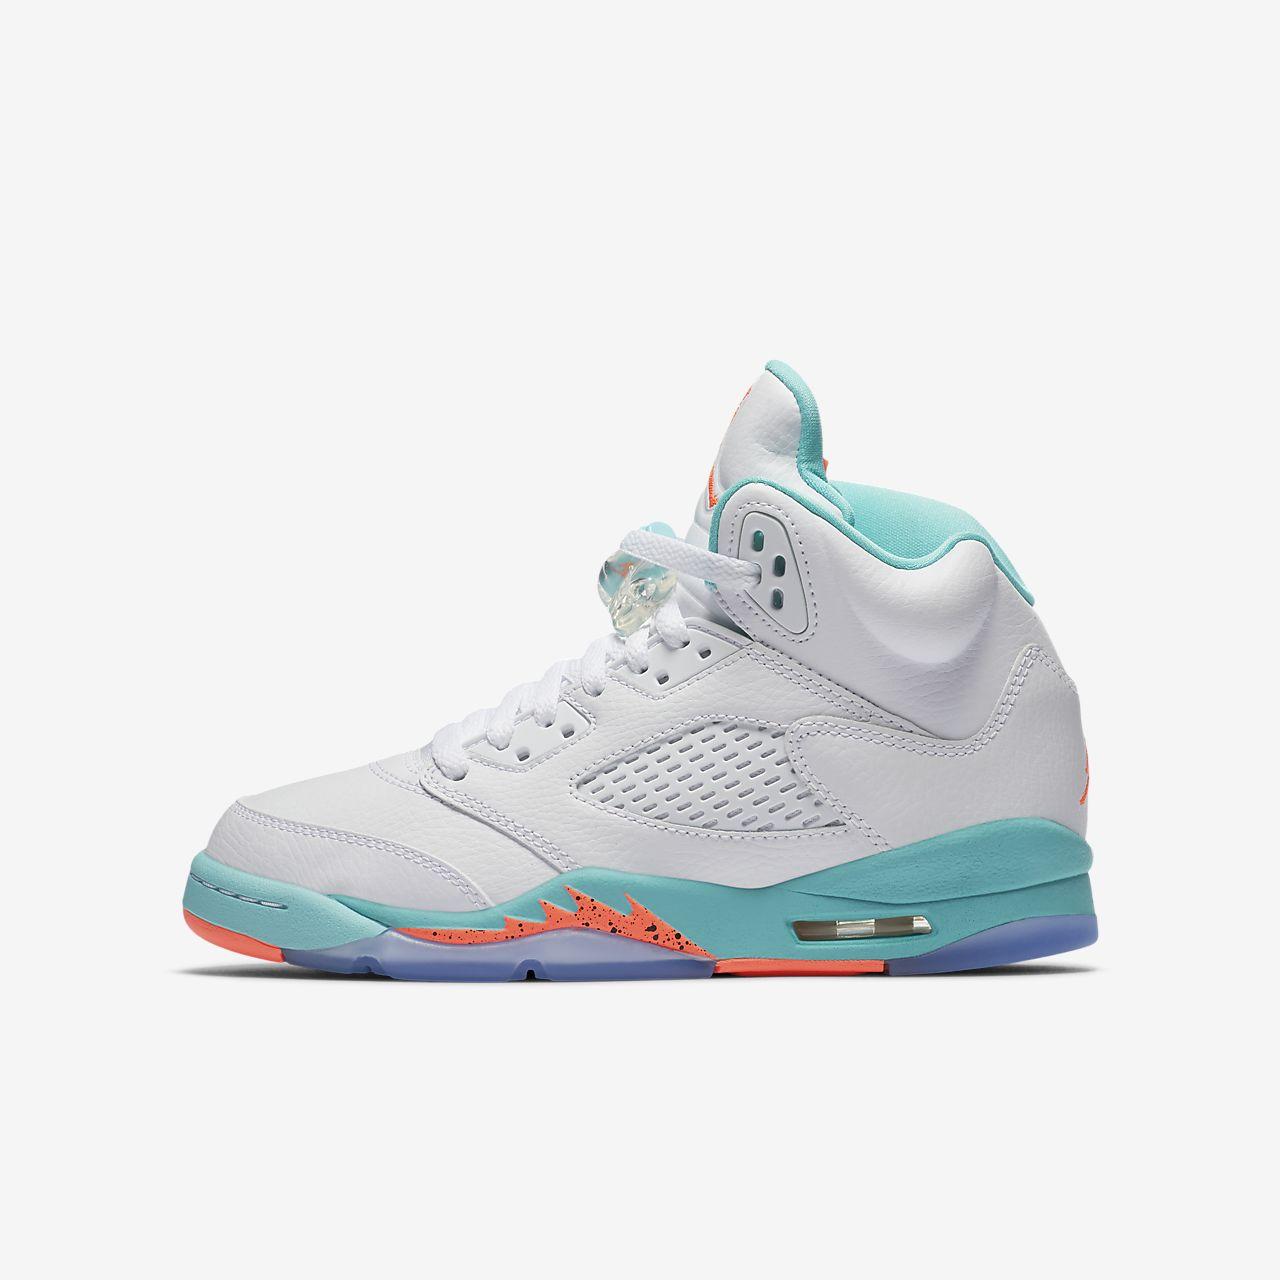 on sale 188aa 4f621 ... germany chaussure air jordan 5 retro pour enfant plus âgé a2f97 f1804